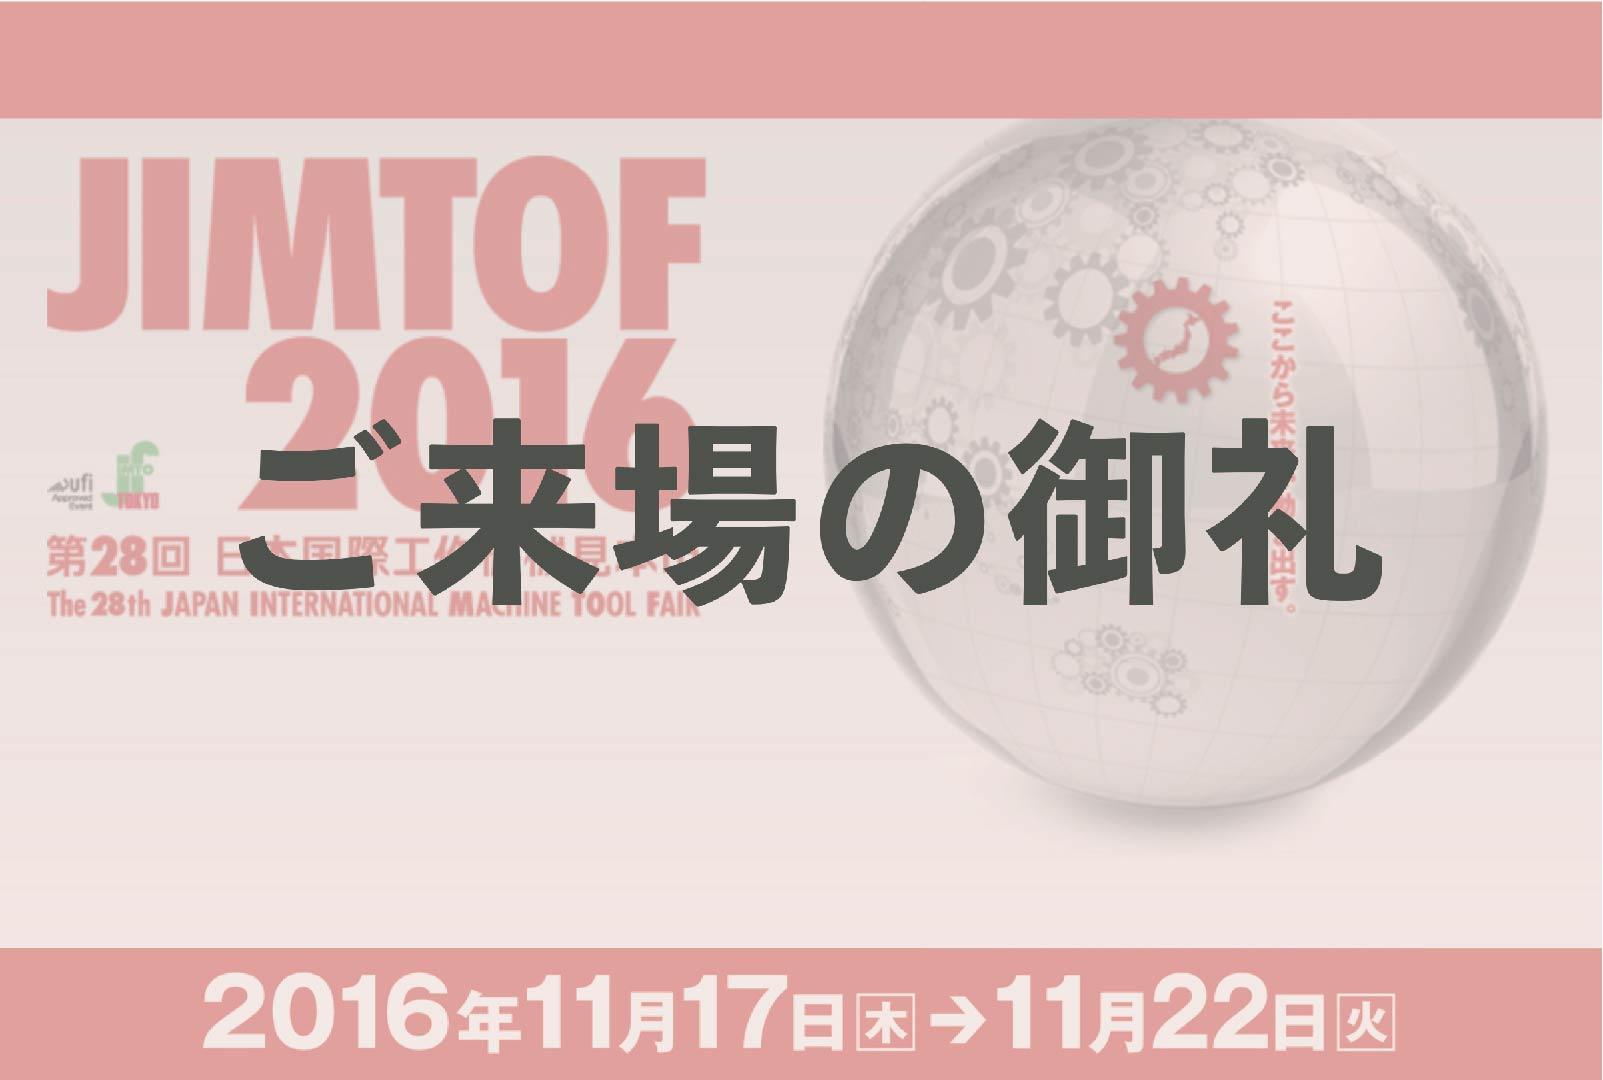 第28回 日本国際工作機械見本市(JIMTOF2016)